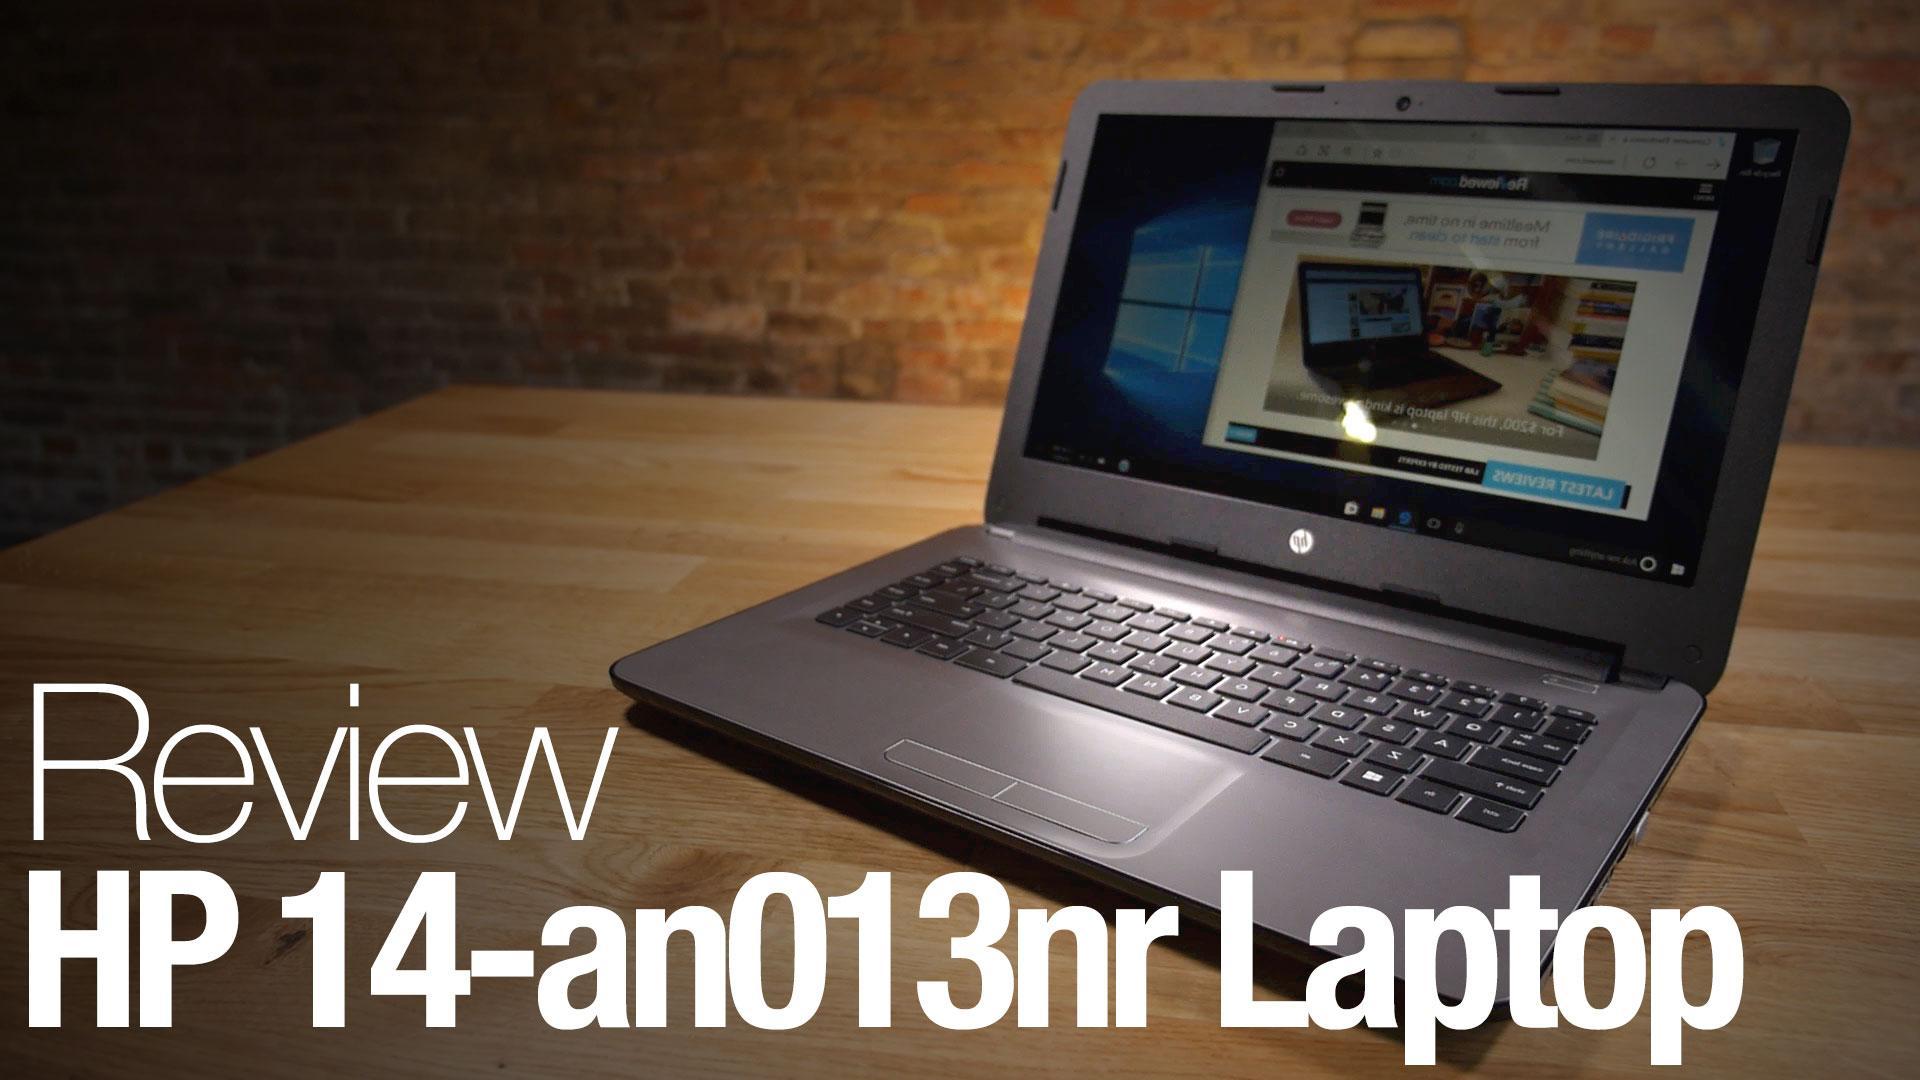 Hp 14 Bw004au Notebook Gold Amd E2 9000e4 Gb500 Gb14 Inchwin10 Am016tu Silver Inch4gb500gbwin 10 An013nr Laptop